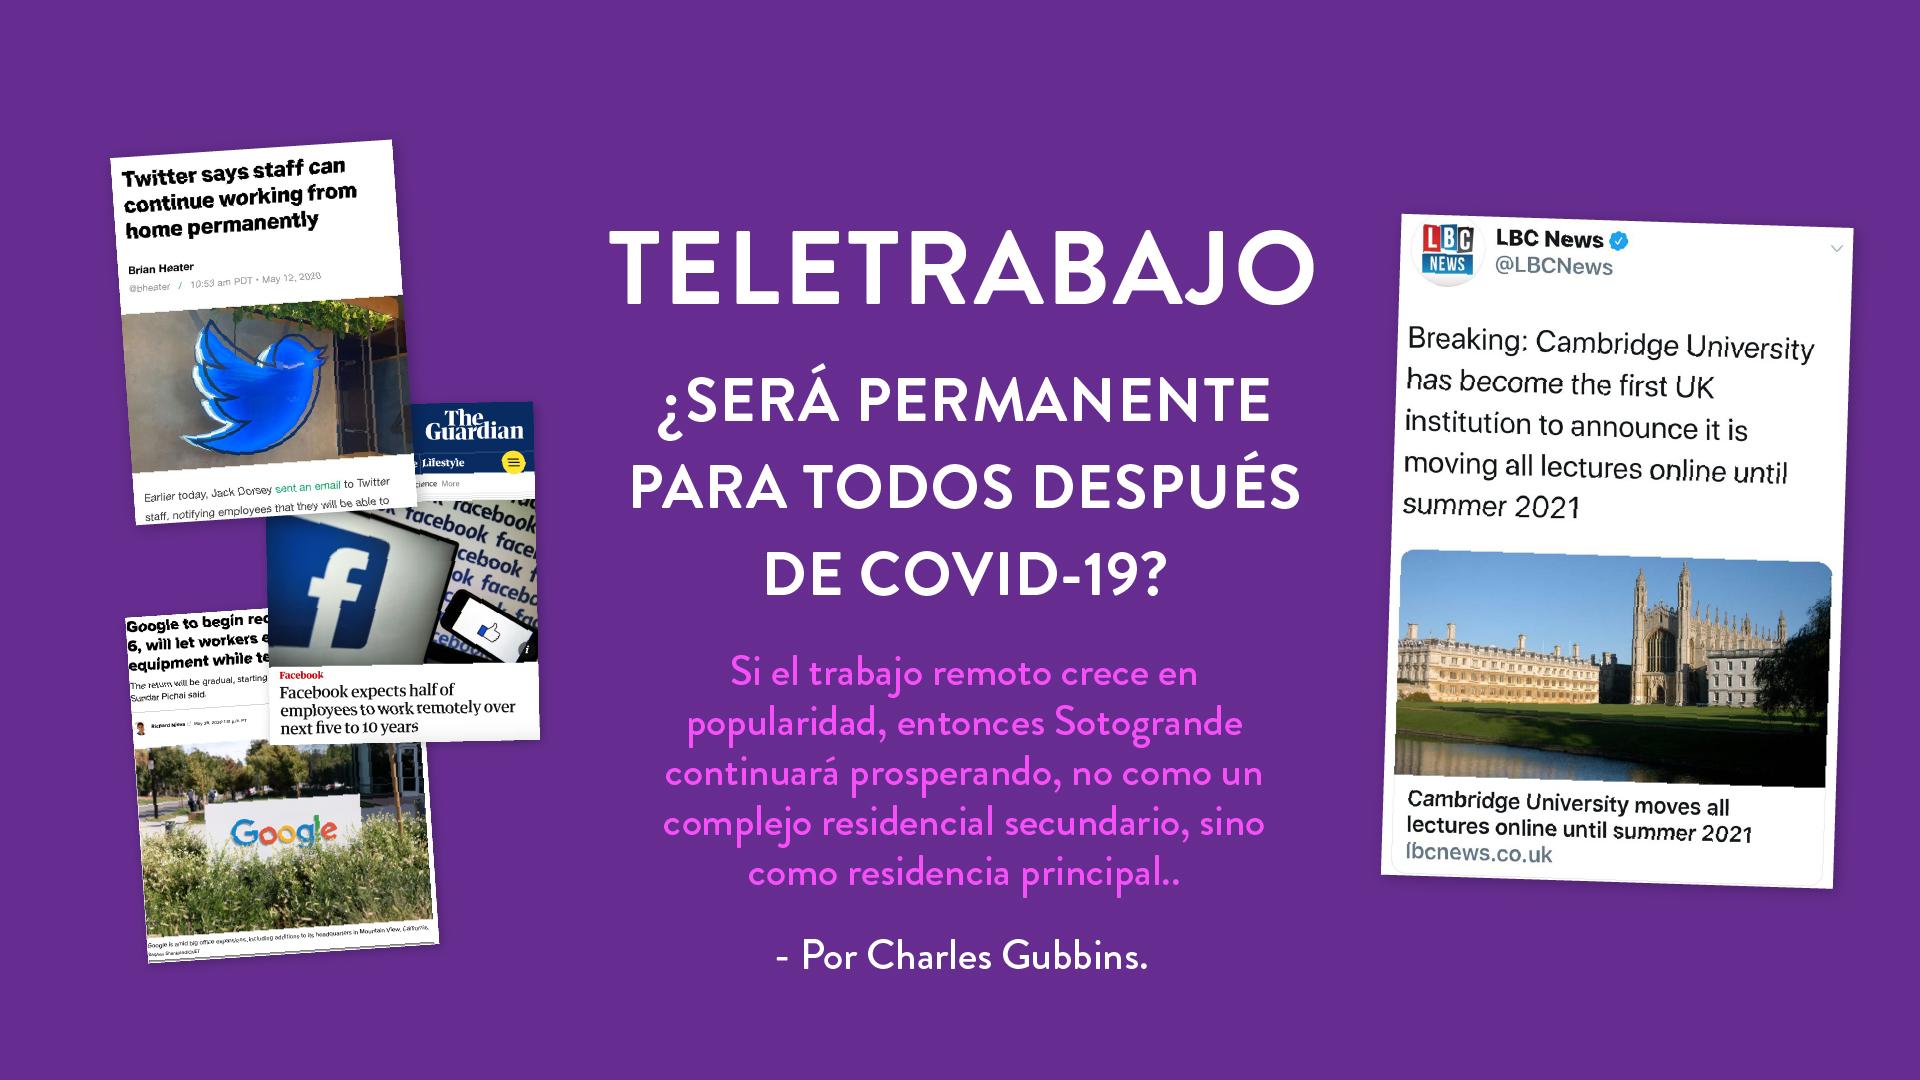 El teletrabajo será permanente para todos después de Covid-19? Por Charles Gubbinsoto-permanente-para-todos-despues-covid19-noll-sotogrande-charles-gubbins